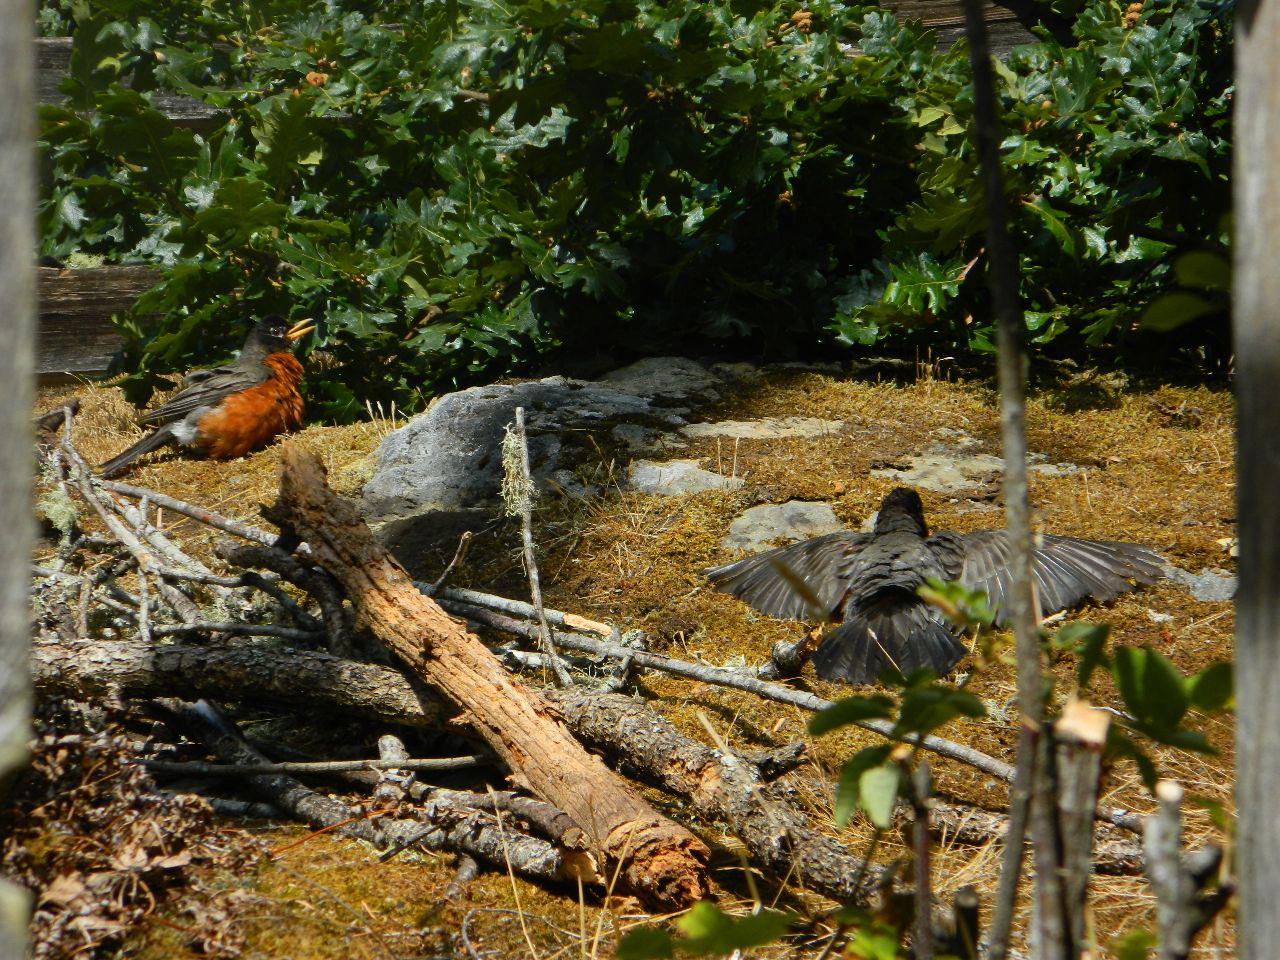 robins sunning